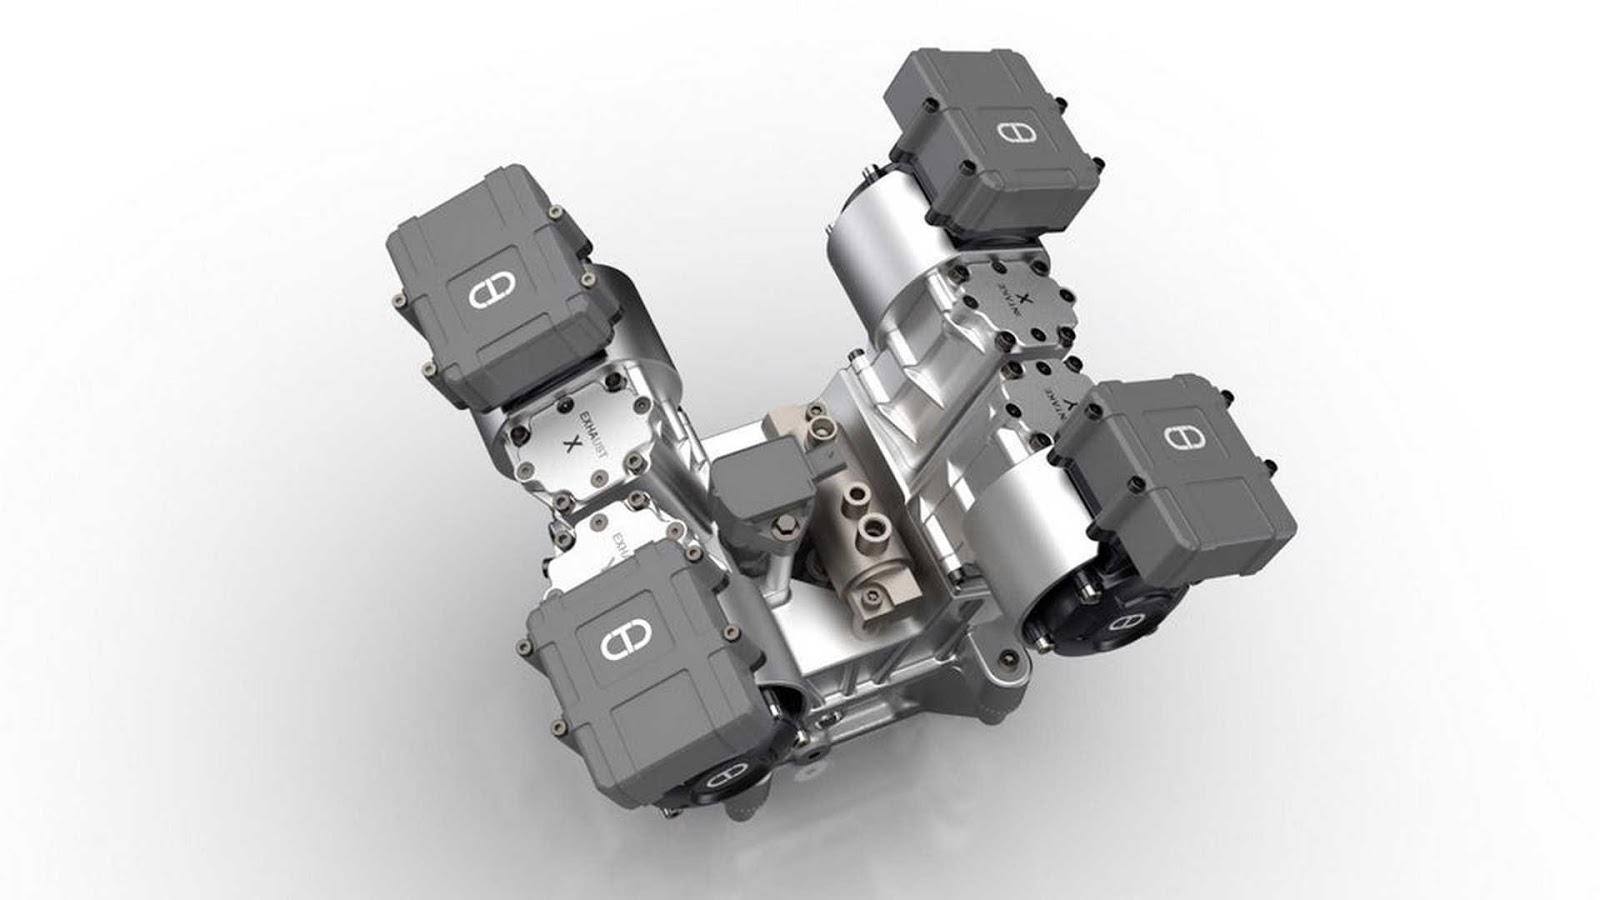 全數位控制的汽門系統或許能大幅提升內燃機引擎的效率! | SanjiNoir 黑侍樂讀|